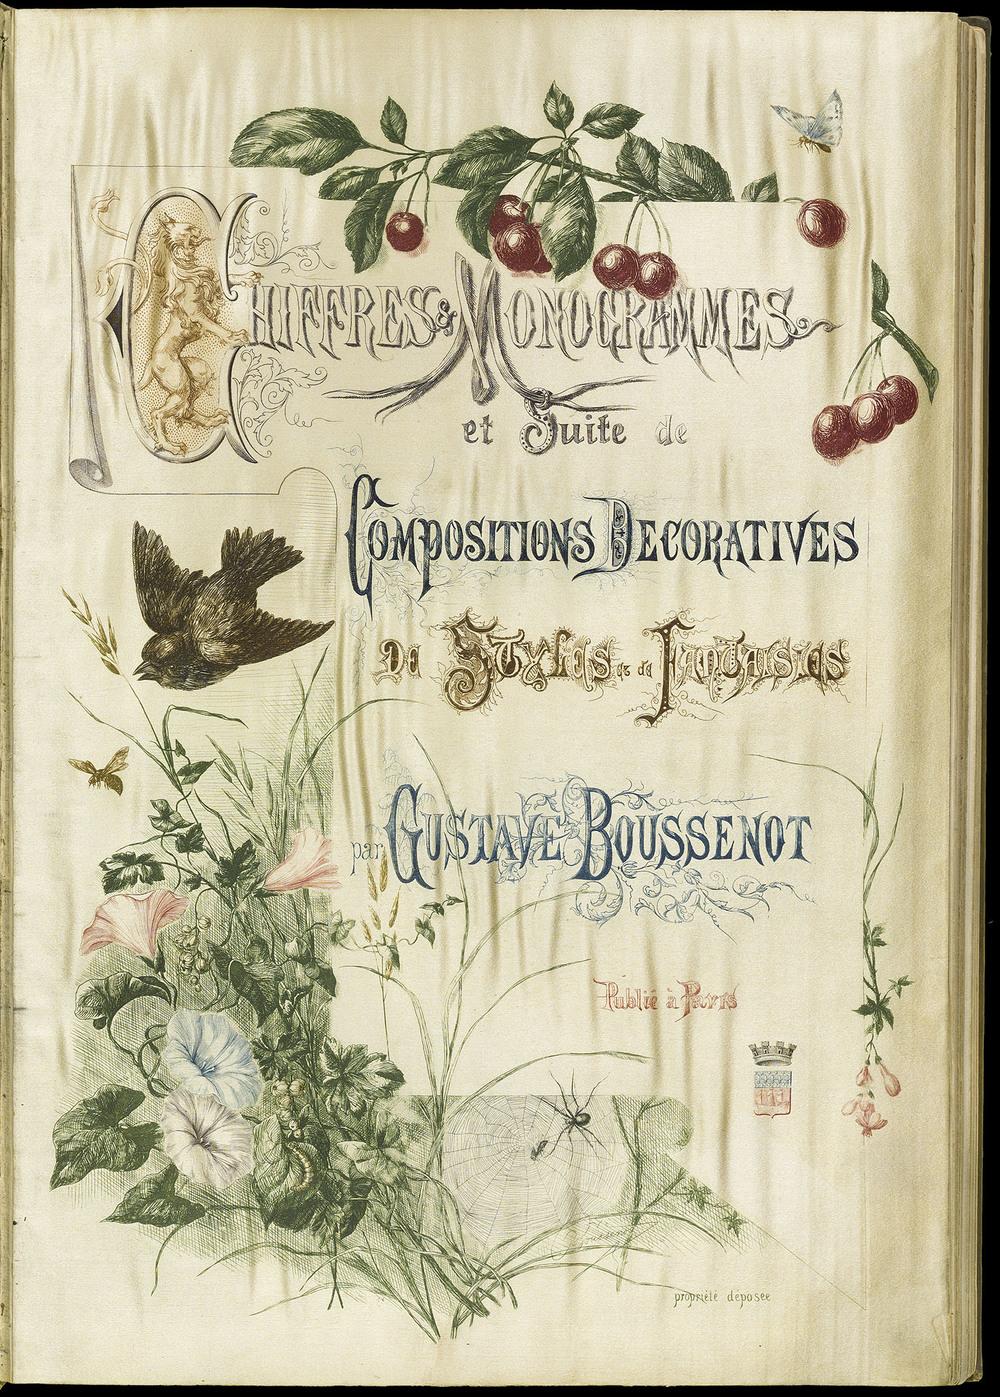 Gustave Boussenot,  Chiffres & Monogrammes et Suite de Compositions Decoratives de Styles et de Fantaisies , Paris, circa 1880, 31 x 44.5 cm